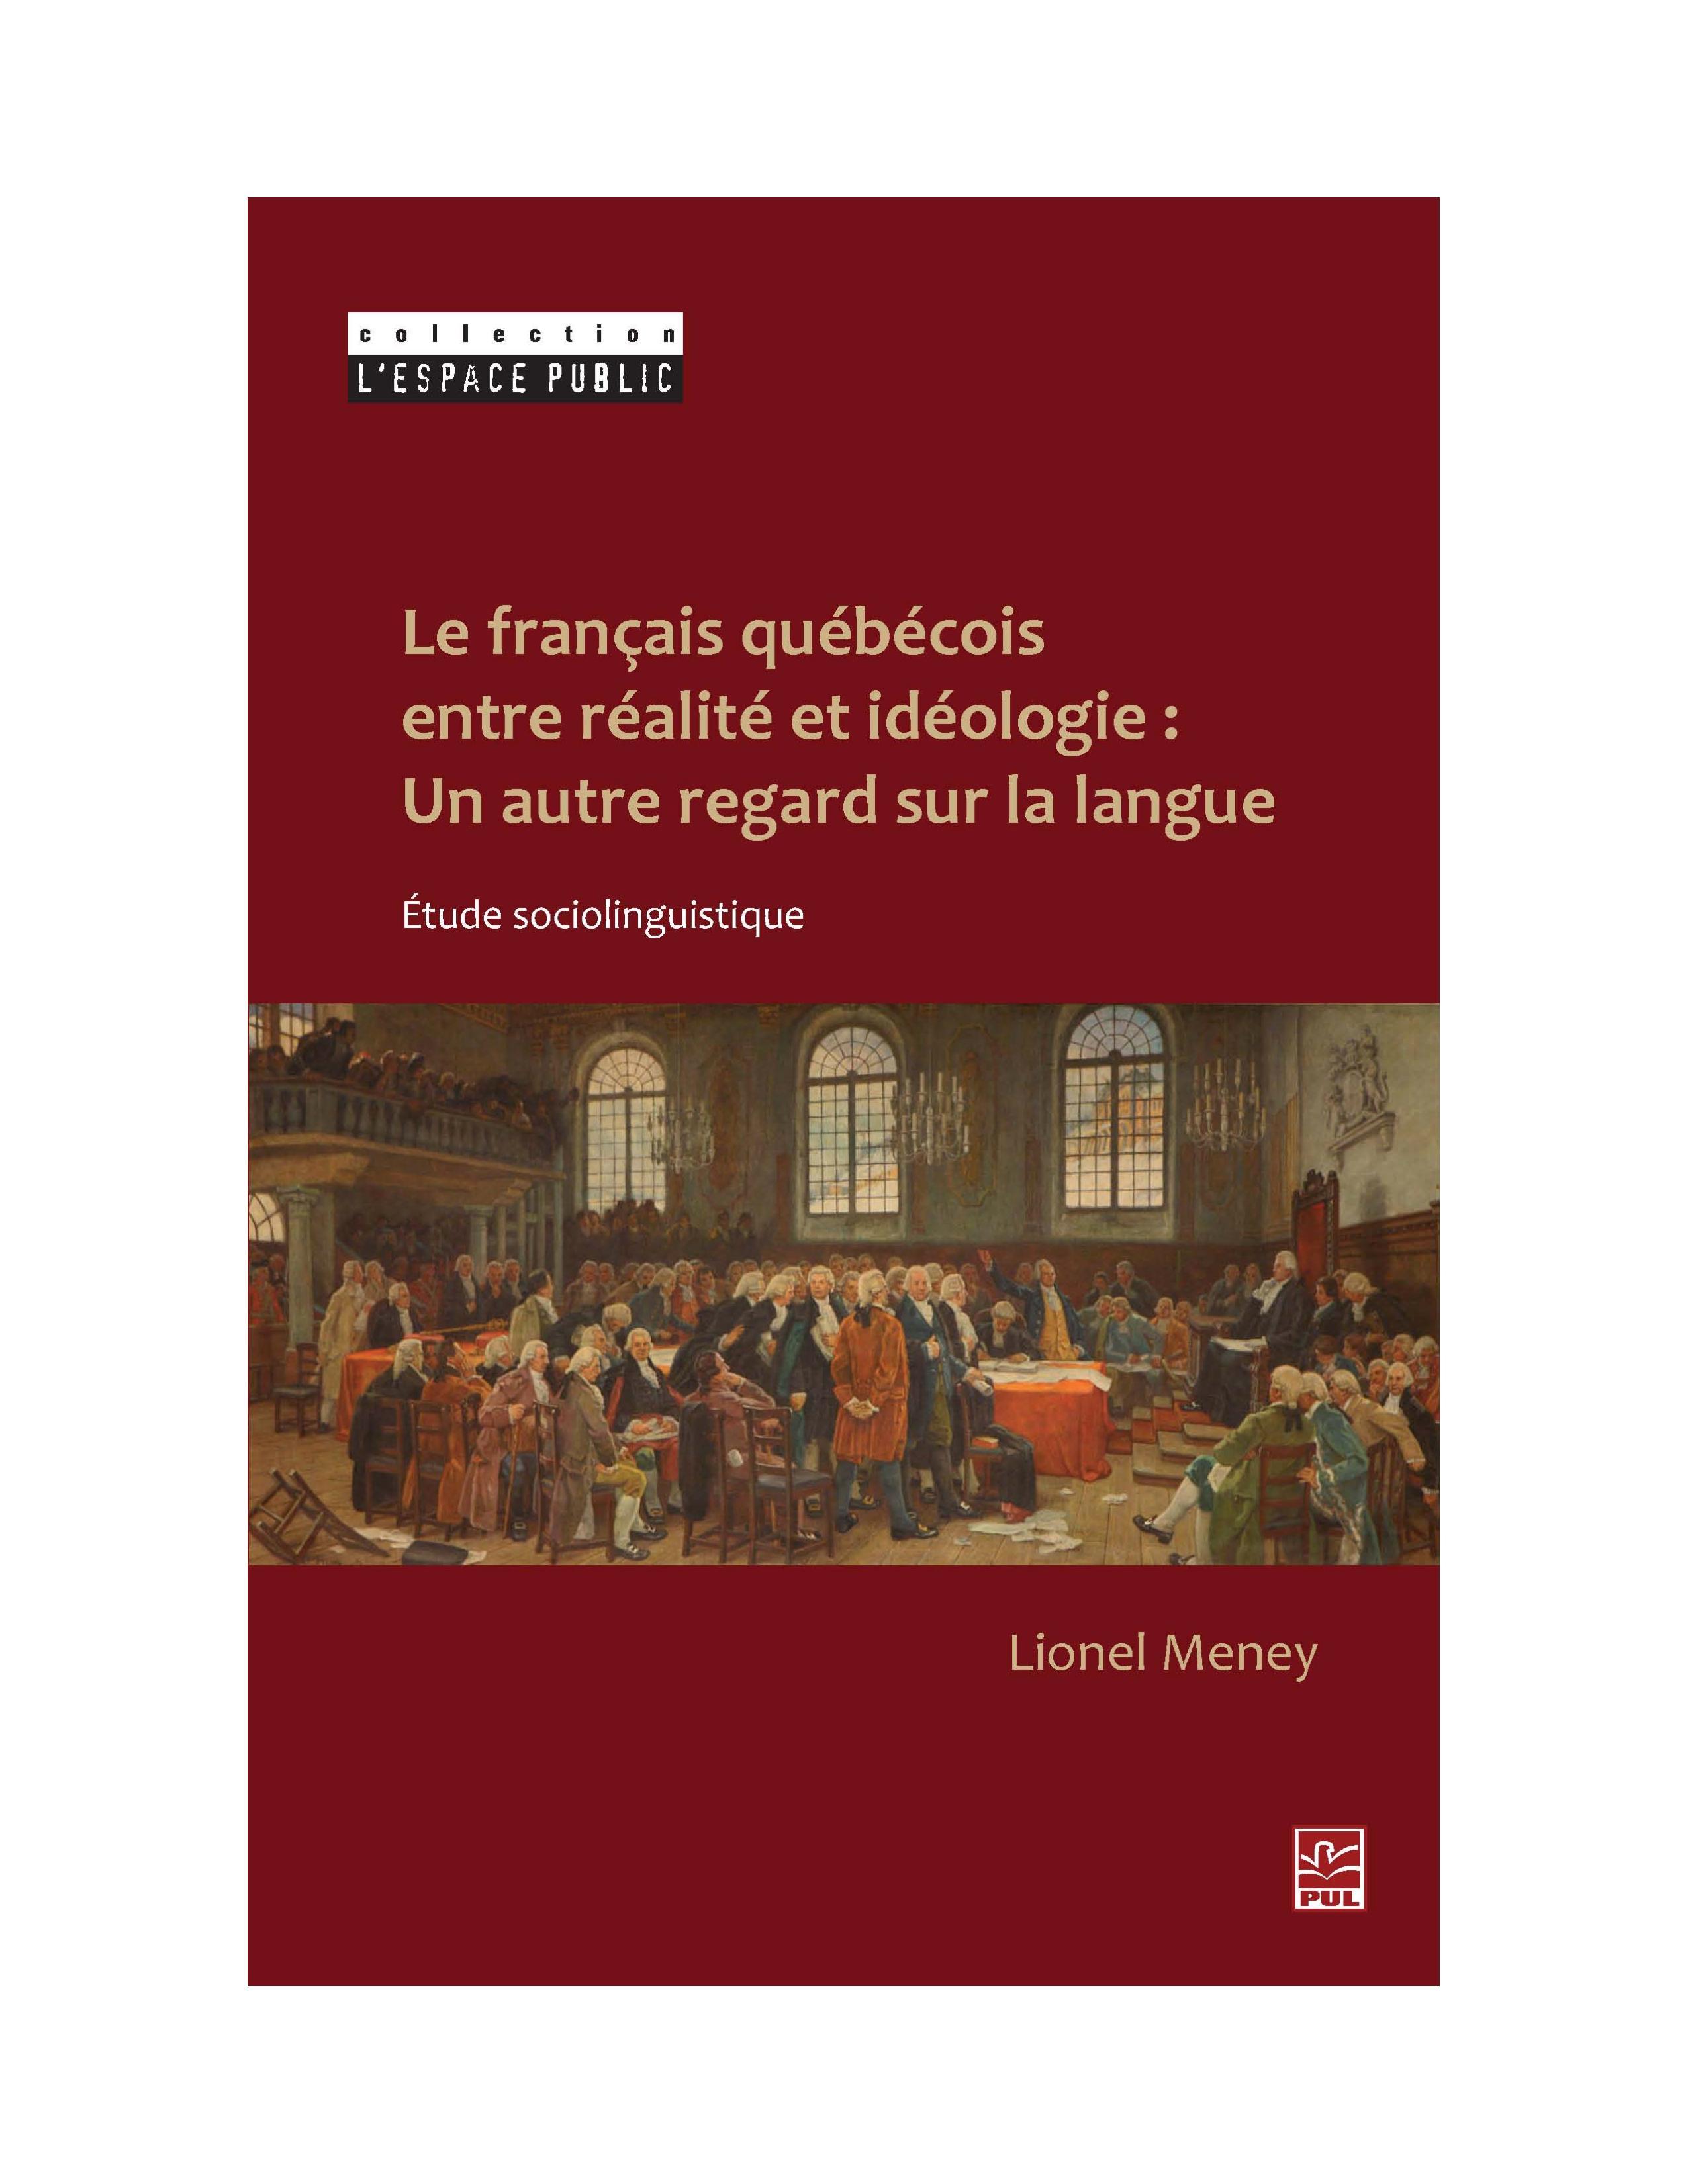 Le français québécois entre réalité et idéologie : Un autre regard sur la langue